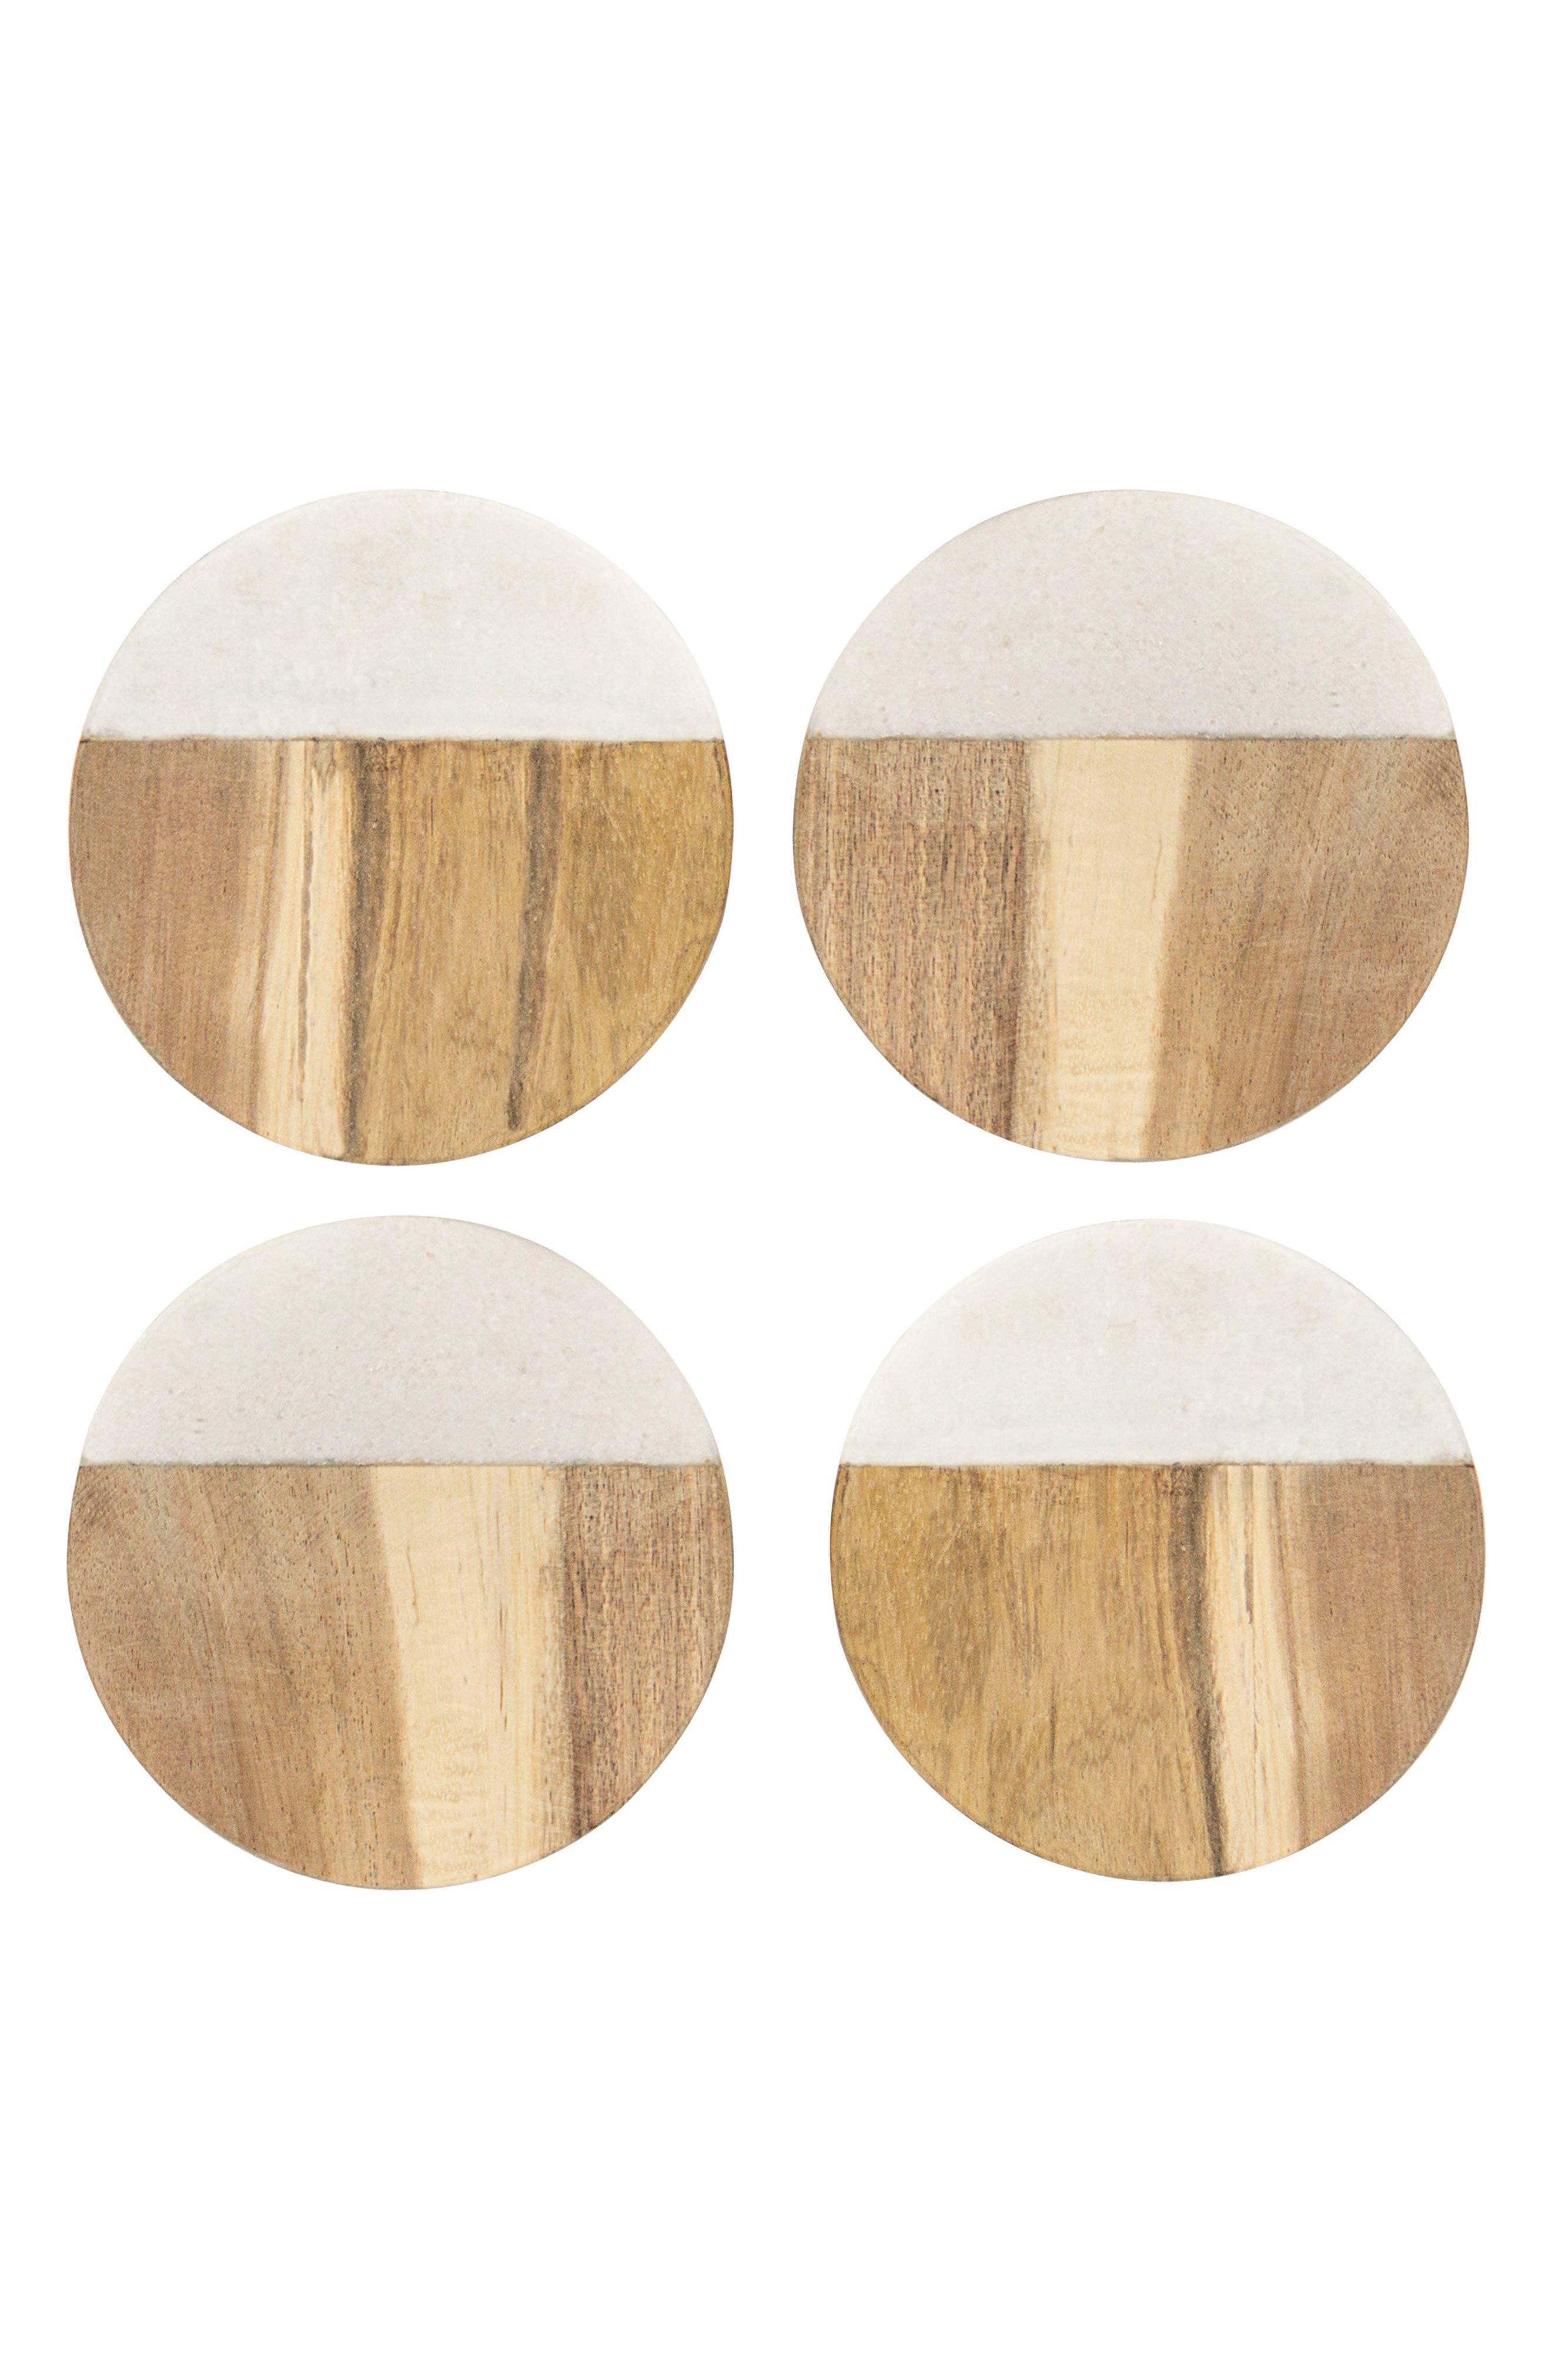 Monogram Set of 4 Marble & Acacia Wood Coasters,                             Main thumbnail 1, color,                             BROWN